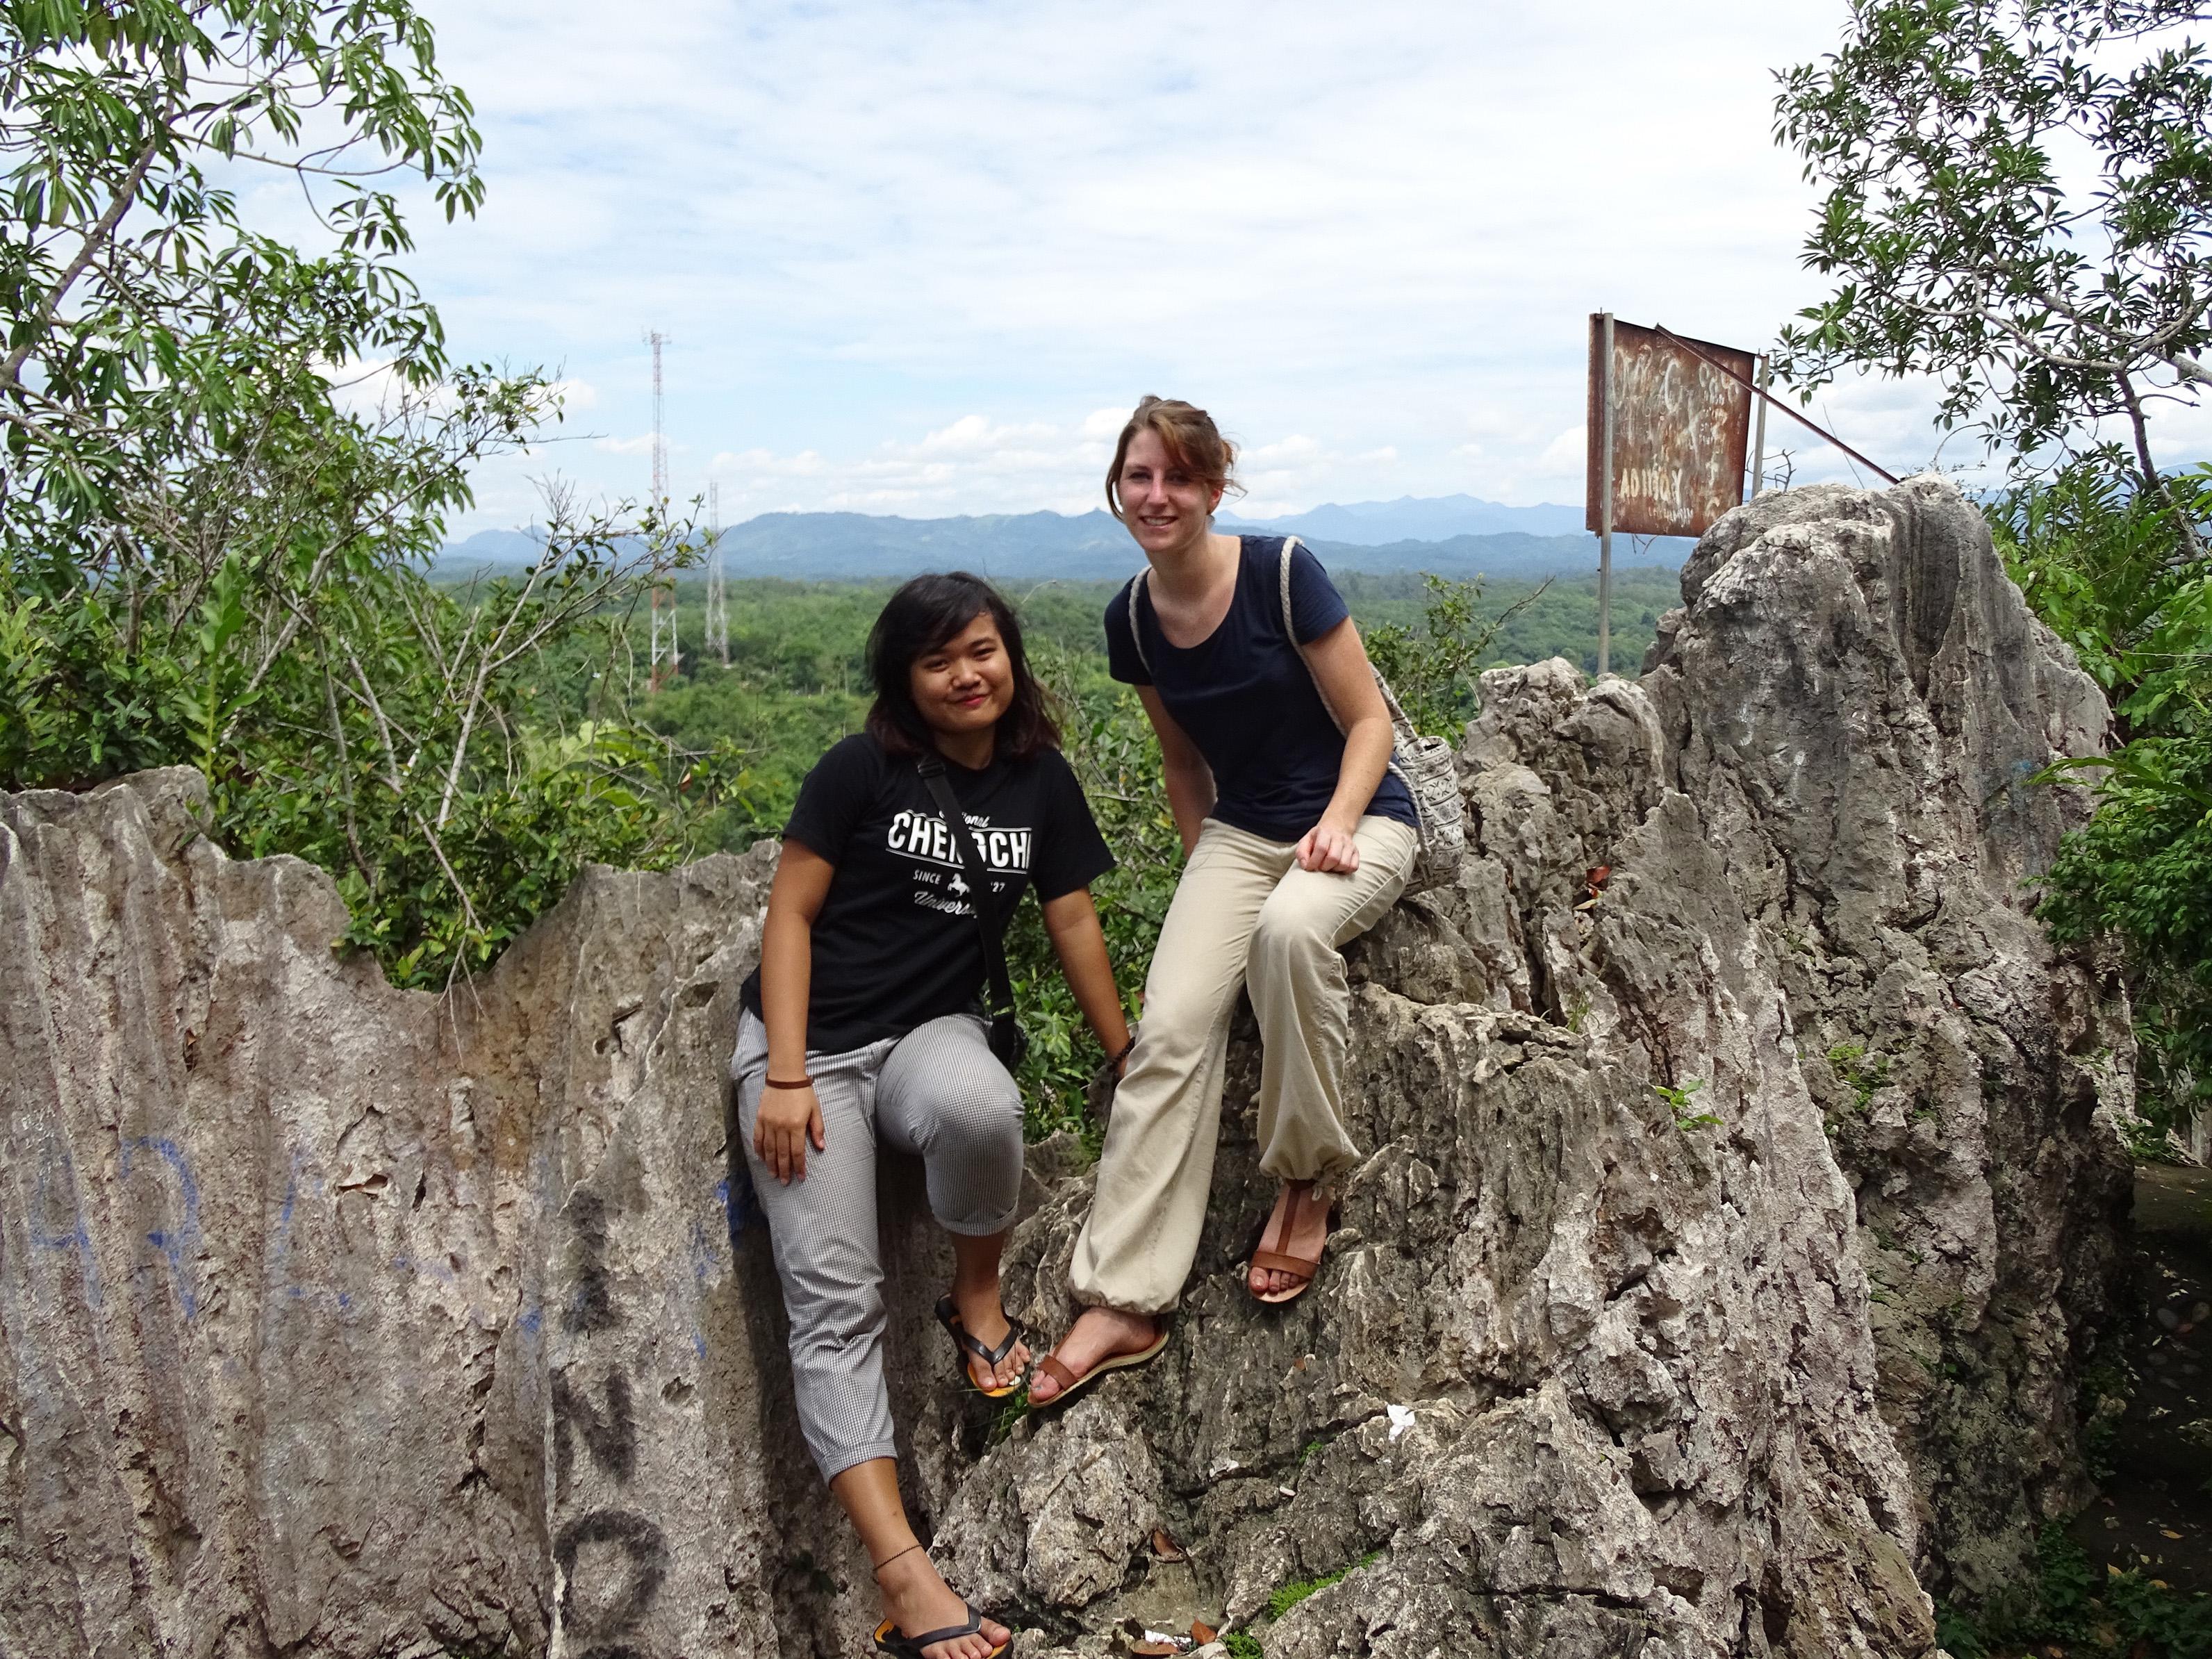 Saya berkesempatan mengajak teman saya untuk bisa berkeliling Indonesia setidaknya ke kampung halaman saya di Banjarmasin sebagai permintaan maaf untuk meremehkan Indonesia. Kecamatan Pagat, Kalimantan Selatan | Foto: Vita Ayu Anggraeni / GNFI